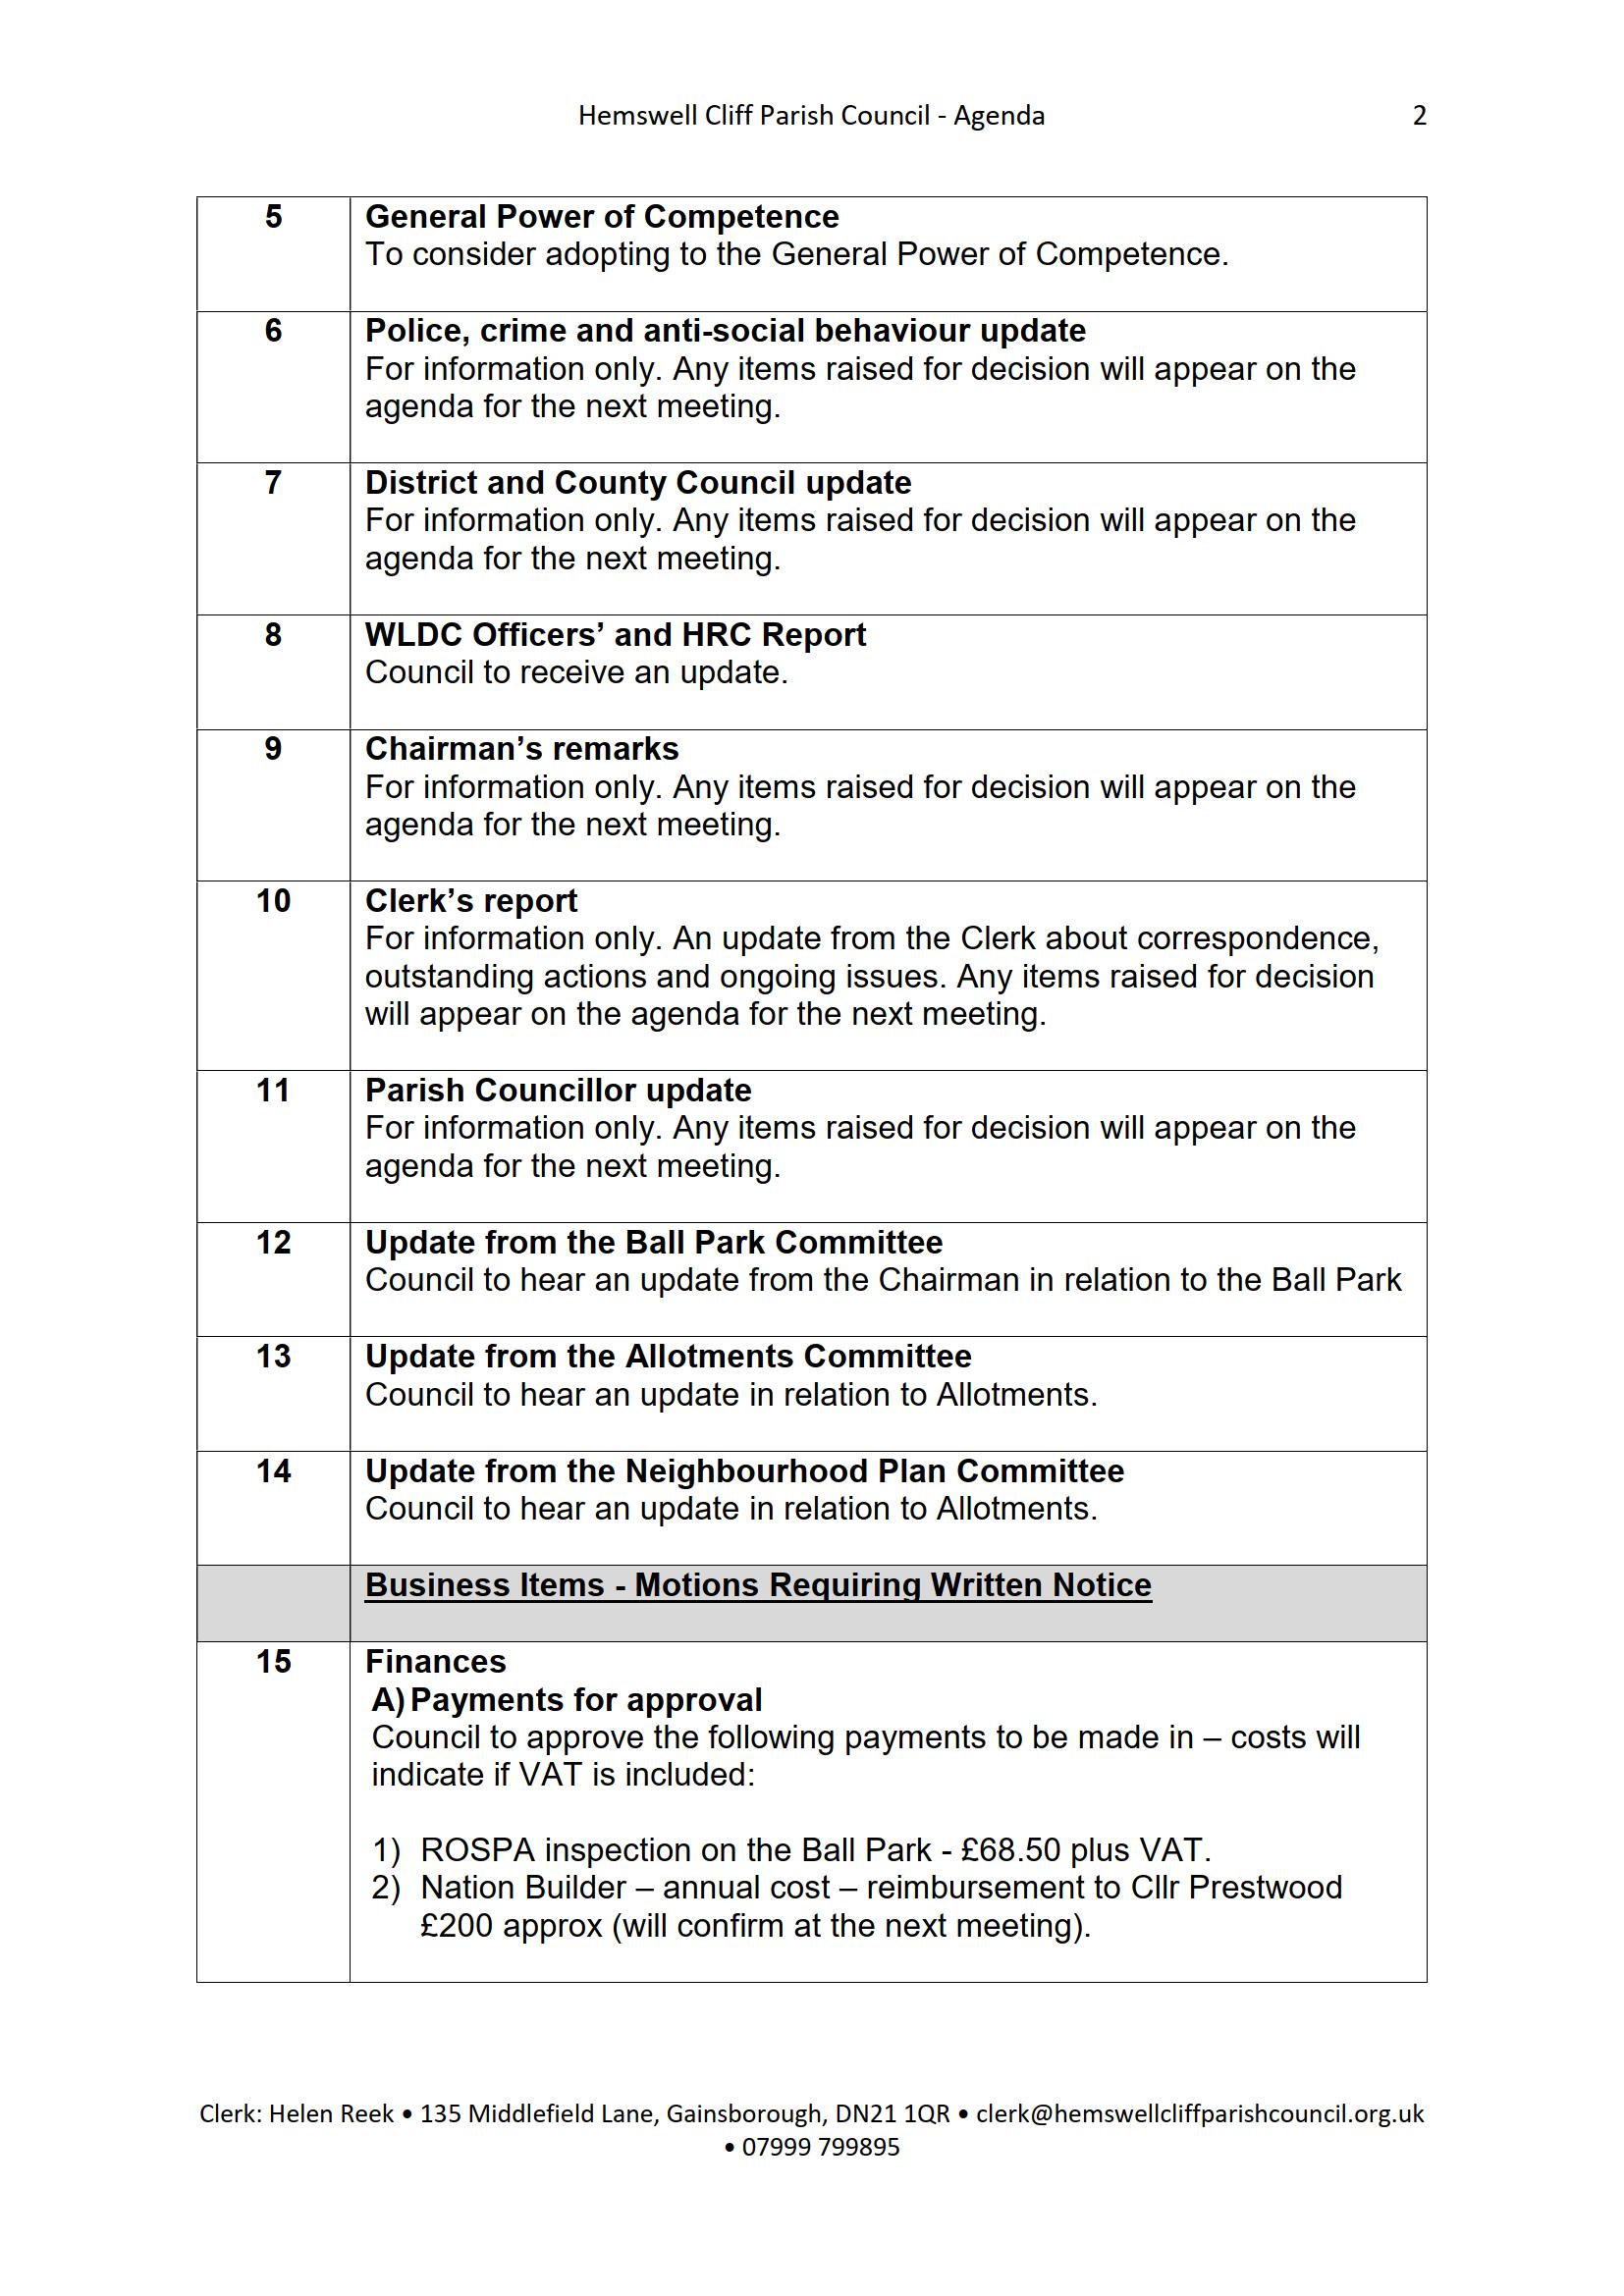 HCPC_Agenda_05.07.21_2.png